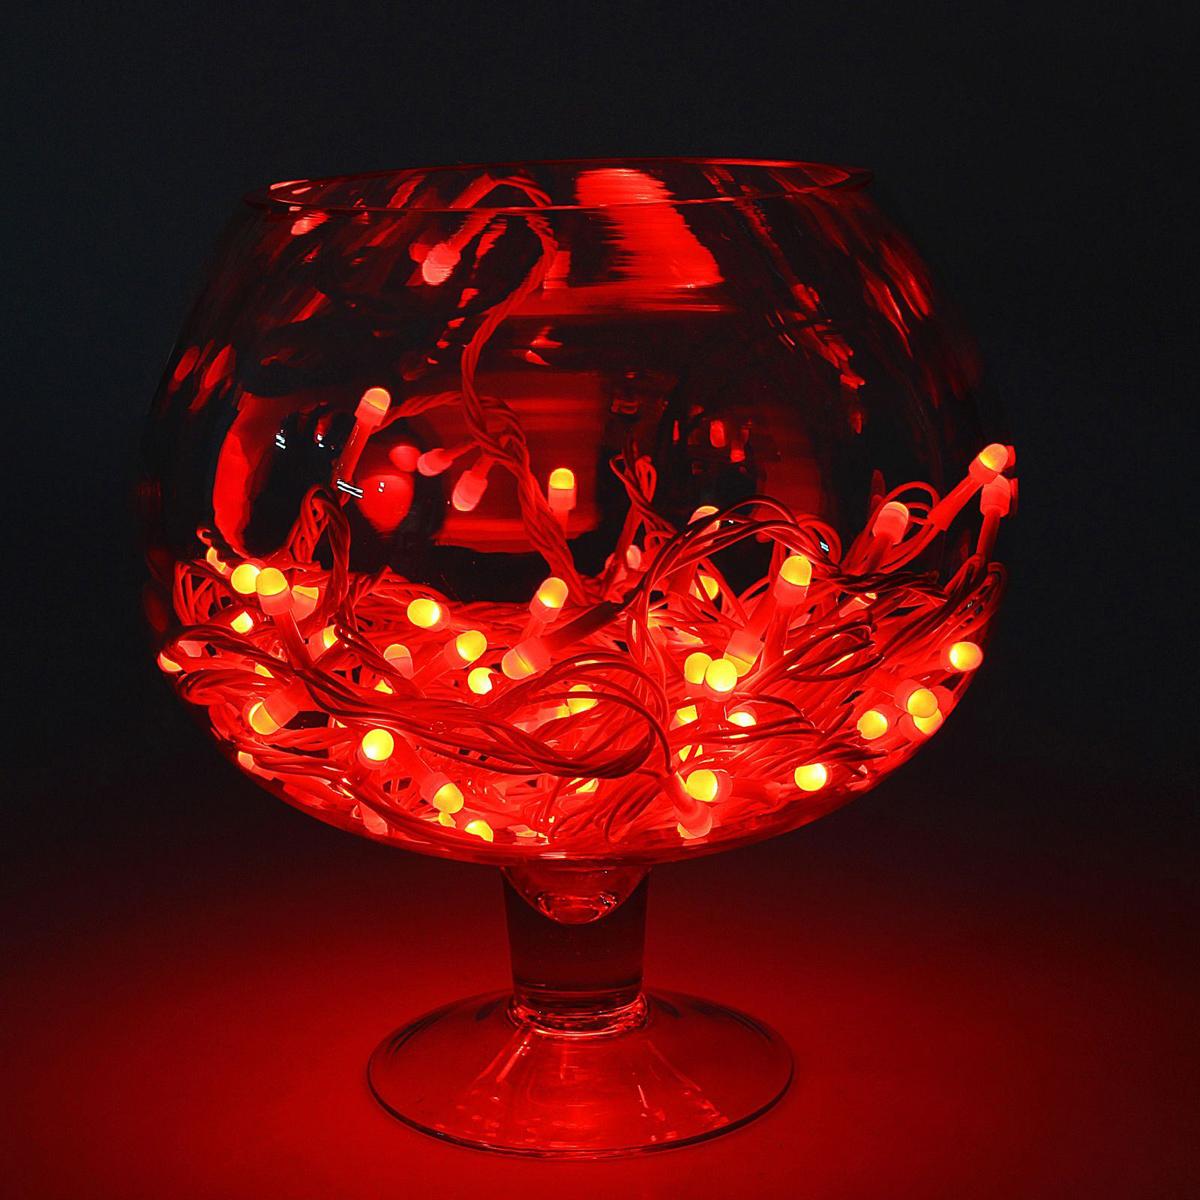 Гирлянда светодиодная Luazon Метраж, уличная, 8 режимов, 100 ламп, 220 V, 10 м, цвет: красный. 10805431080543Светодиодные гирлянды, ленты и т.д. — это отличный вариант для новогоднего оформления интерьера или фасада. С их помощью помещение любого размера можно превратить в праздничный зал, а внешние элементы зданий, украшенные ими, мгновенно станут напоминать очертания сказочного дворца. Такие украшения создают ауру предвкушения чуда. Деревья, фасады, витрины, окна и арки будто специально созданы, чтобы вы украсили их светящимися нитями.